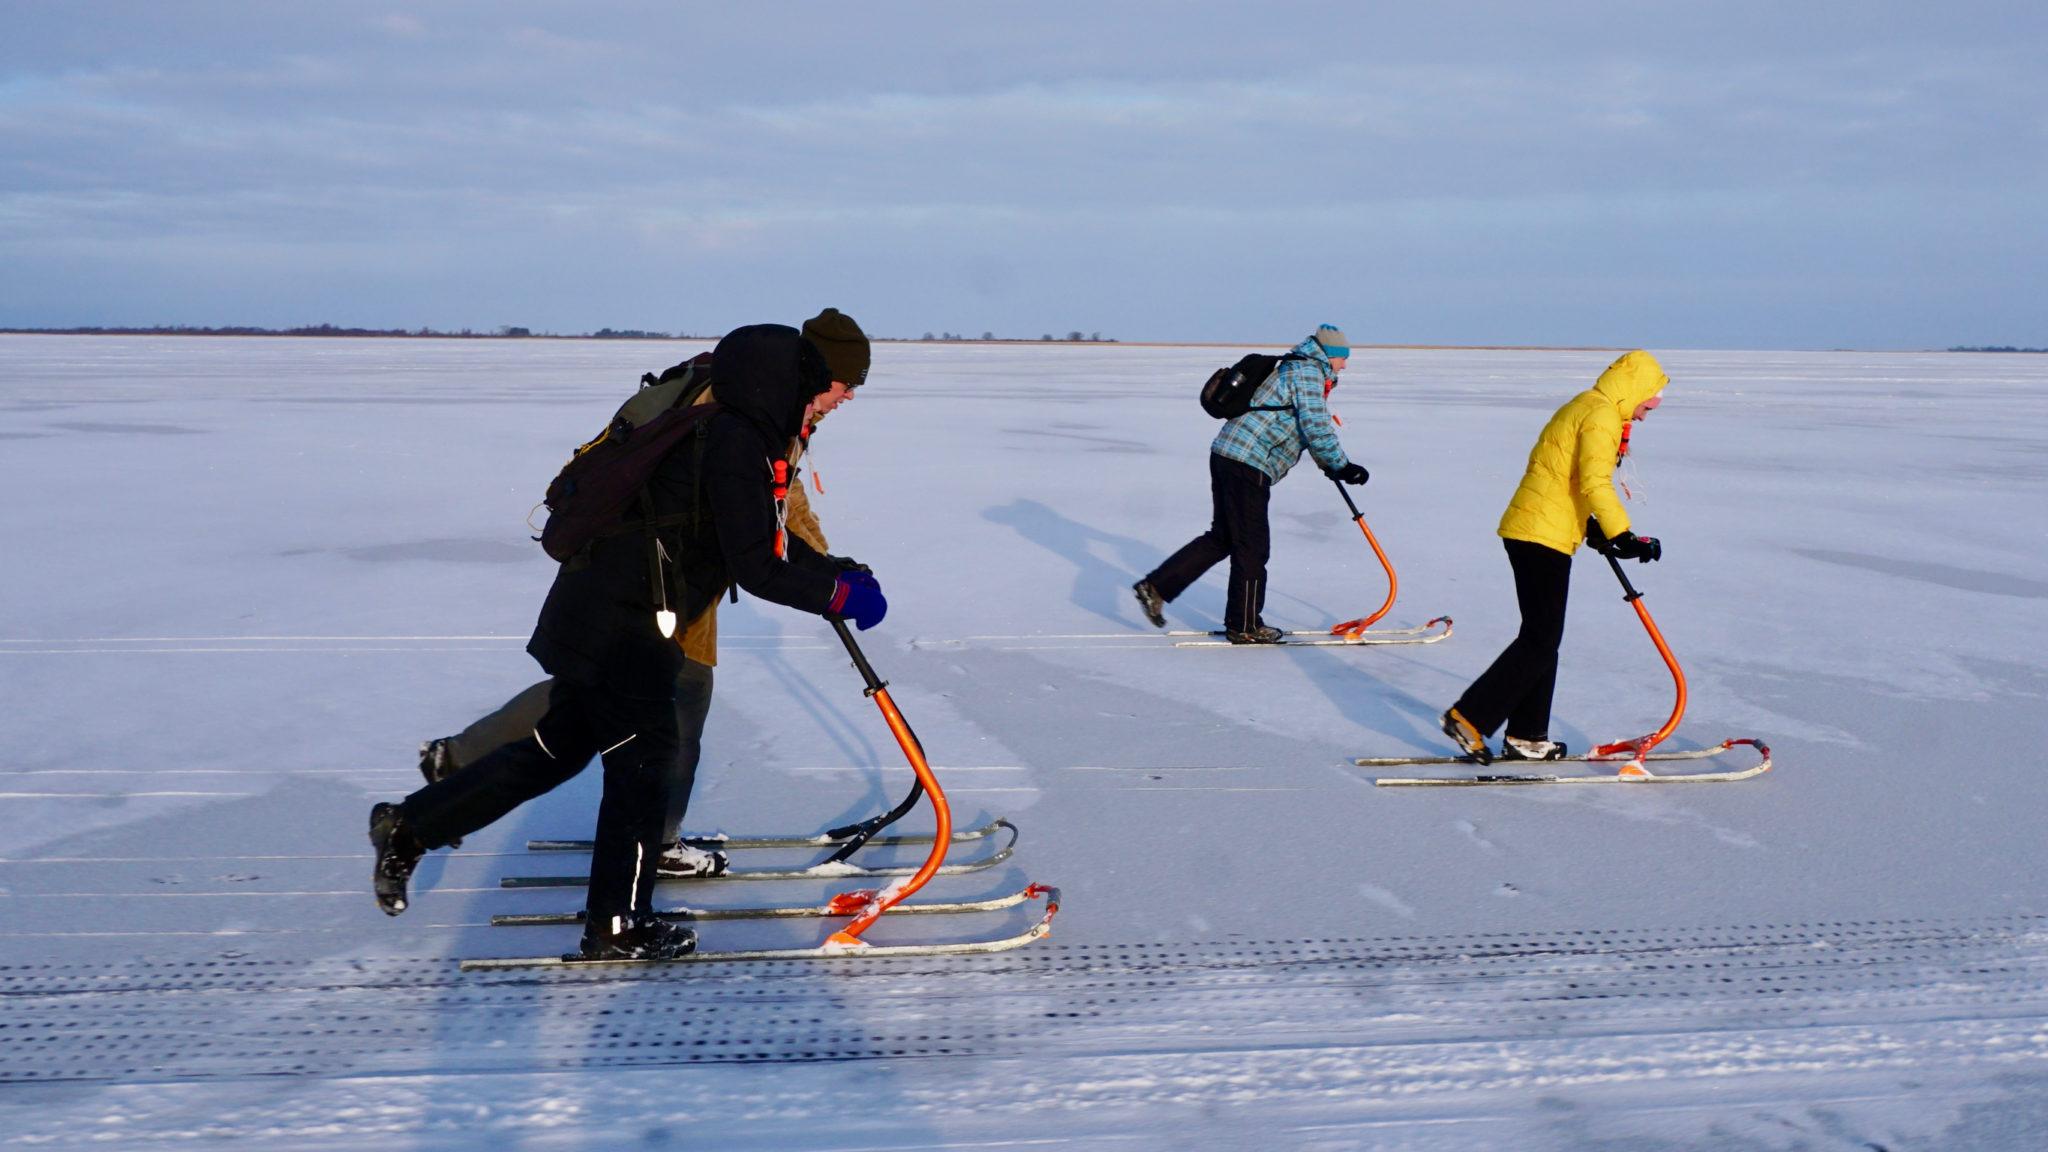 Soome kelkudel järve jääd pidi tõugates